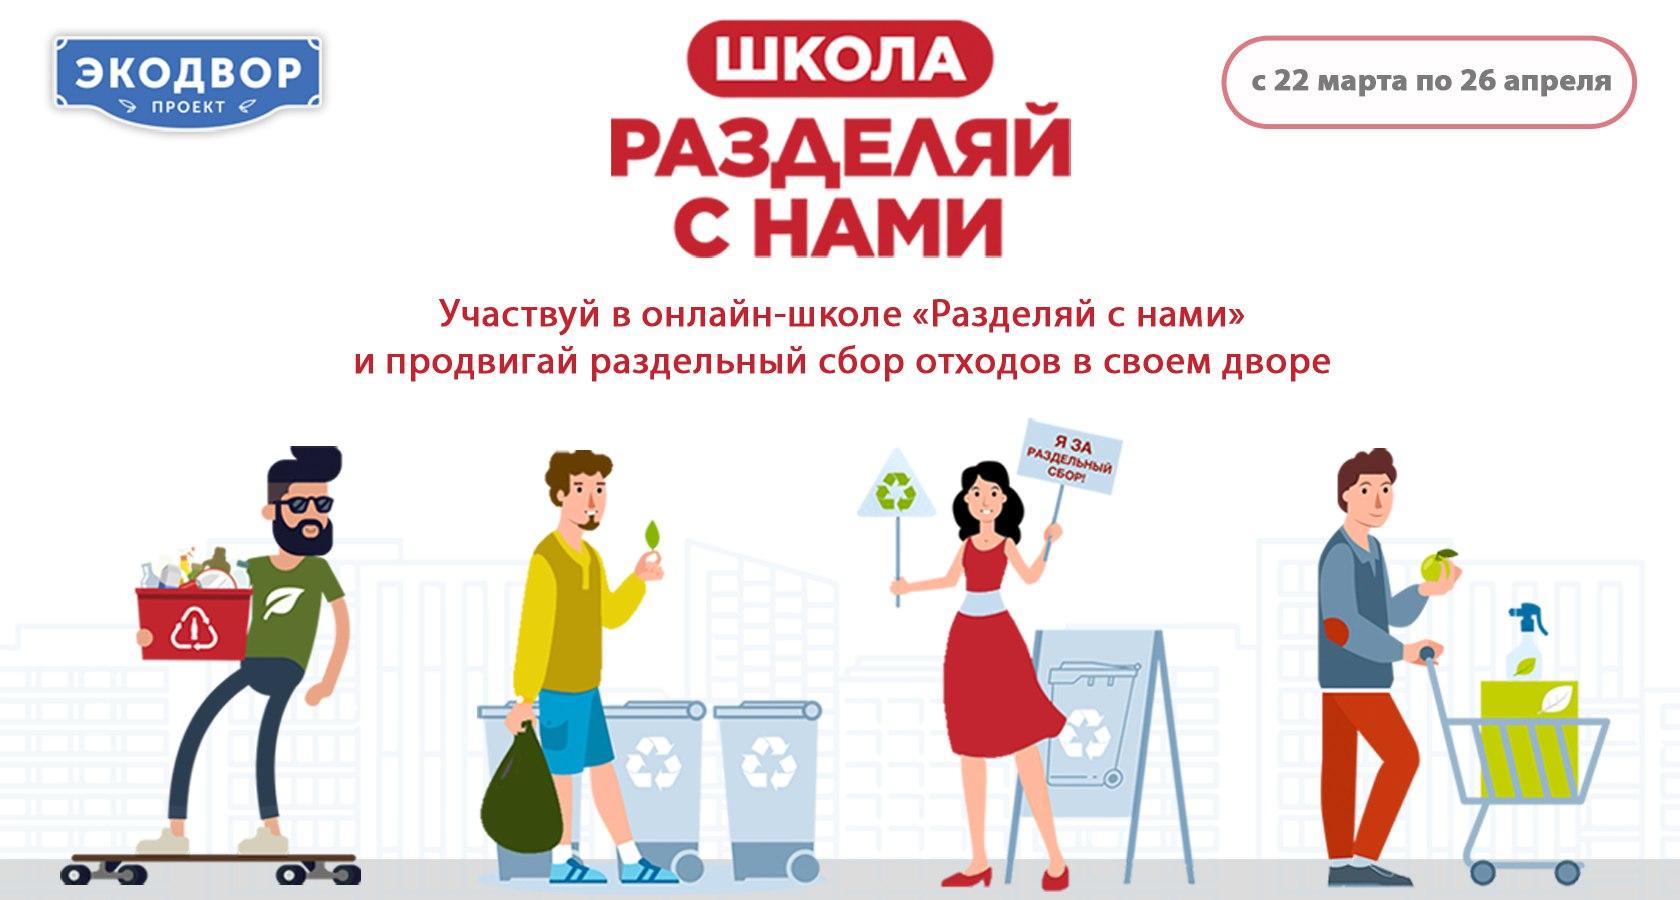 В России стартует онлайн-школа раздельного сбора отходов